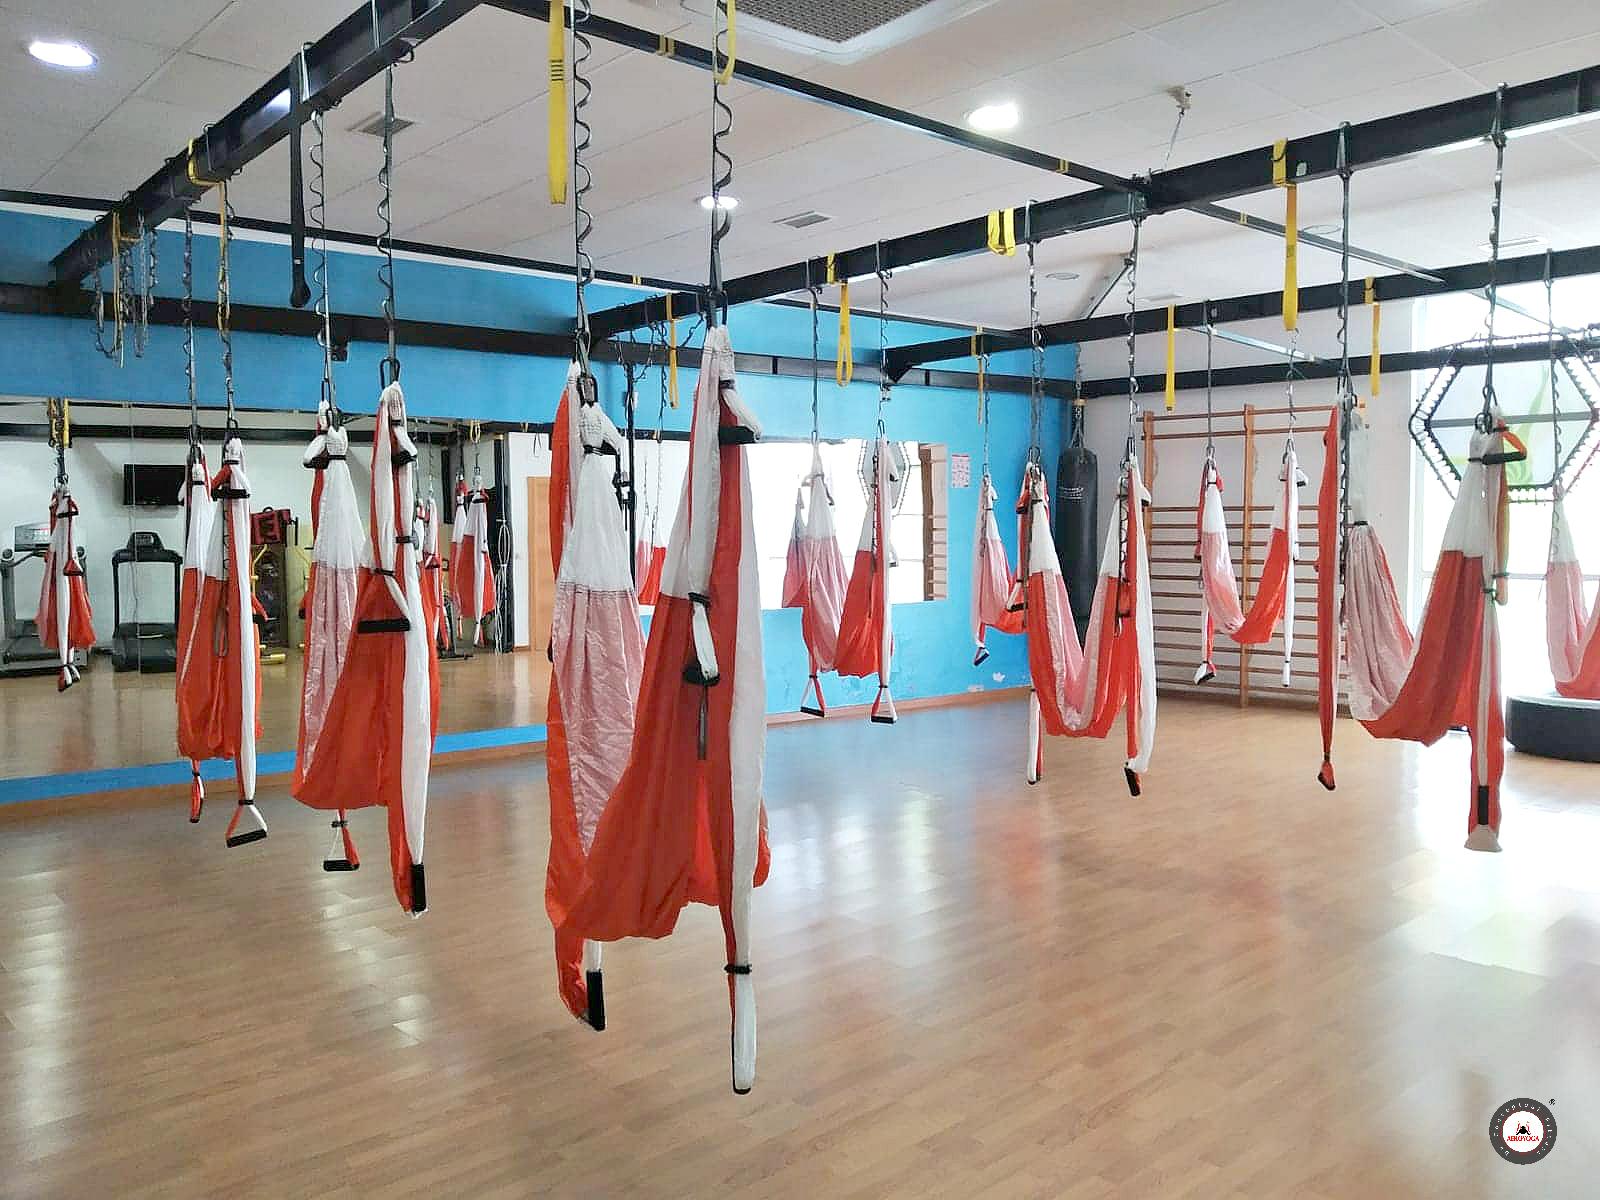 Certificación Yoga Aéreo, La Vuelta al Mundo del AeroYoga ®, Hoy con Vanessa Lozano, España